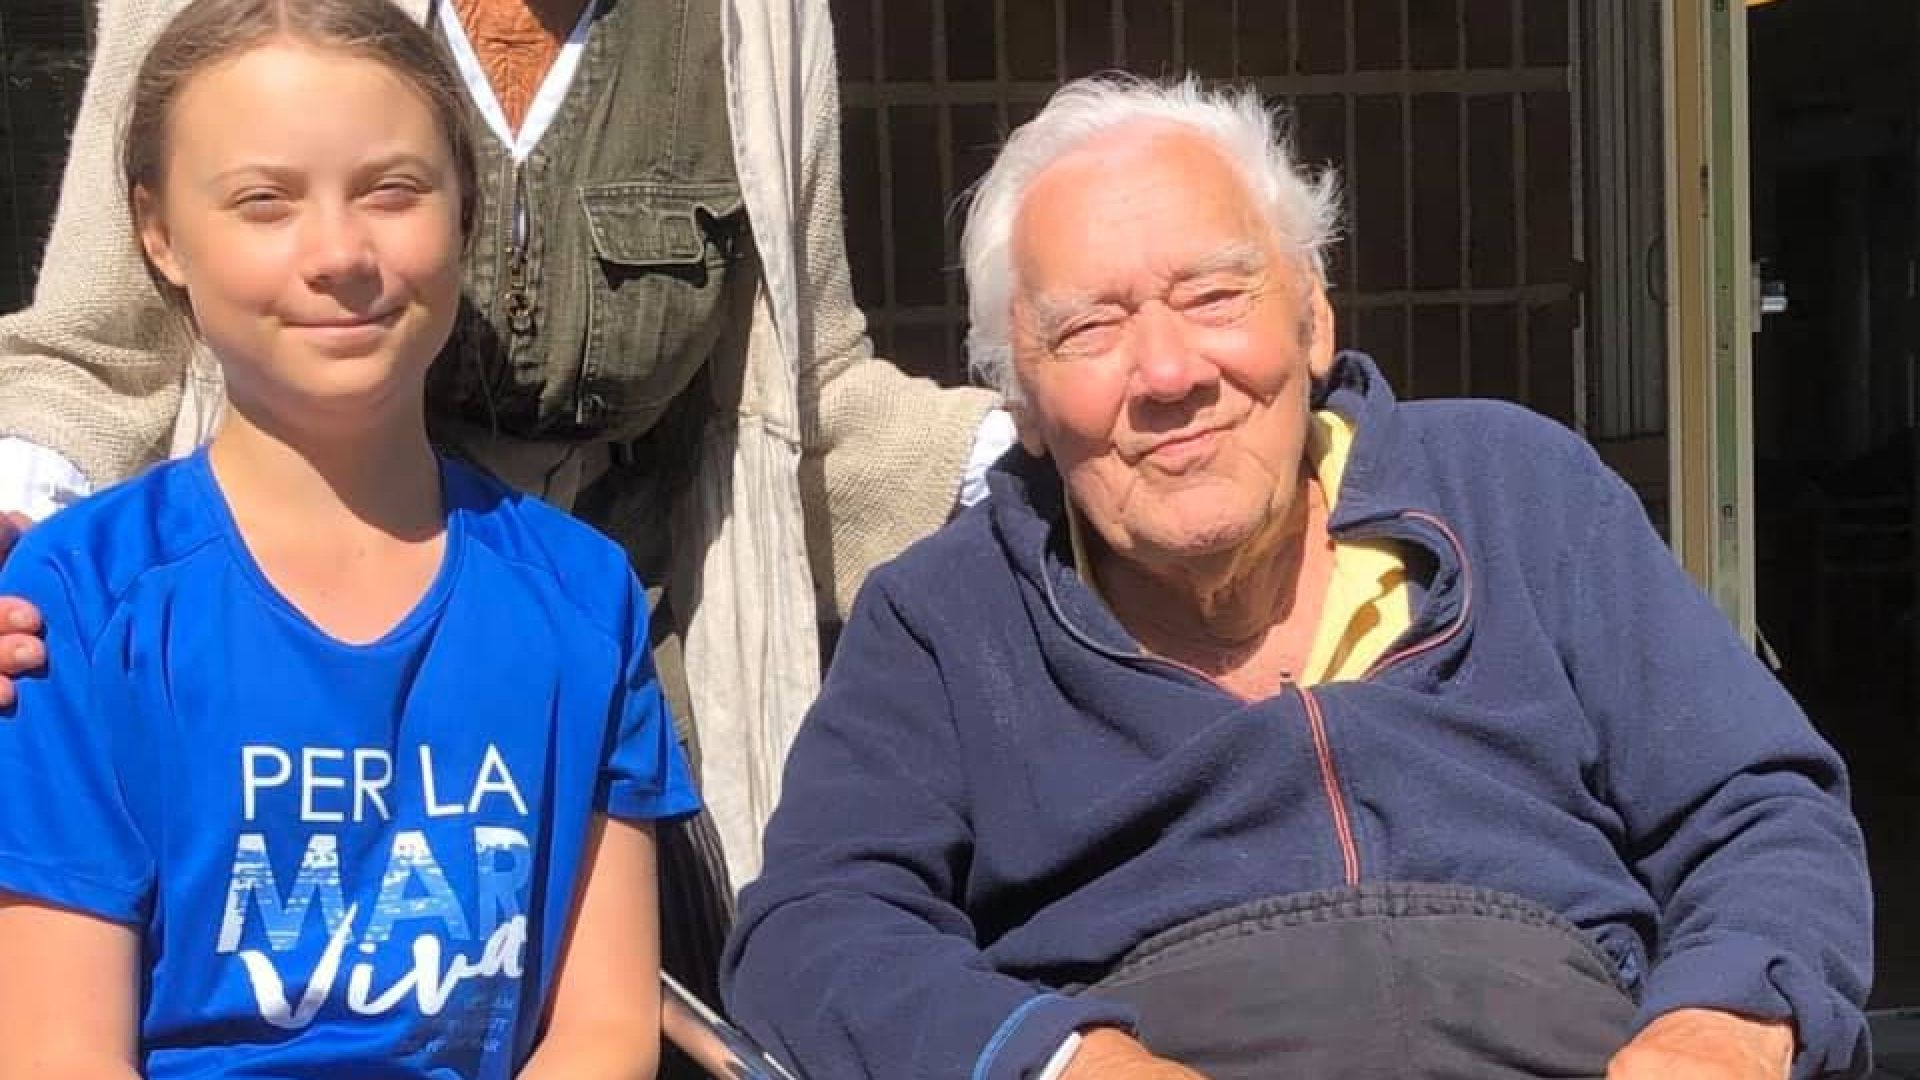 Почина дядото на Грета Тунберг - известният актьор Олоф Тунберг